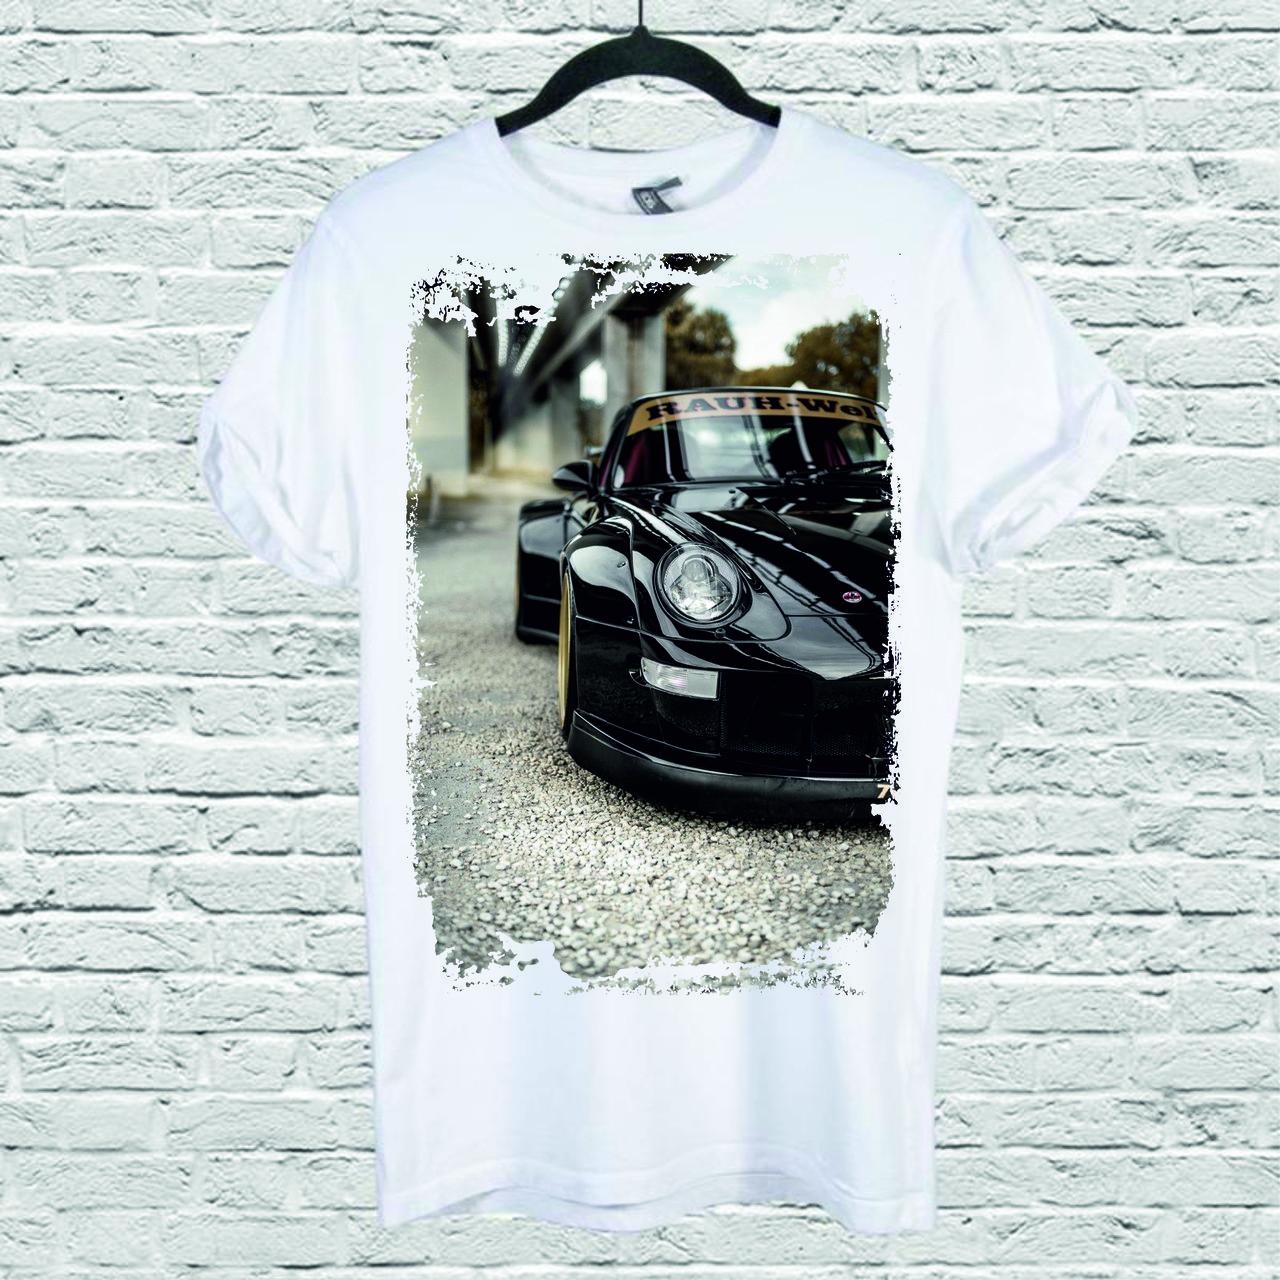 Футболка YOUstyle Car 0225 XXL White